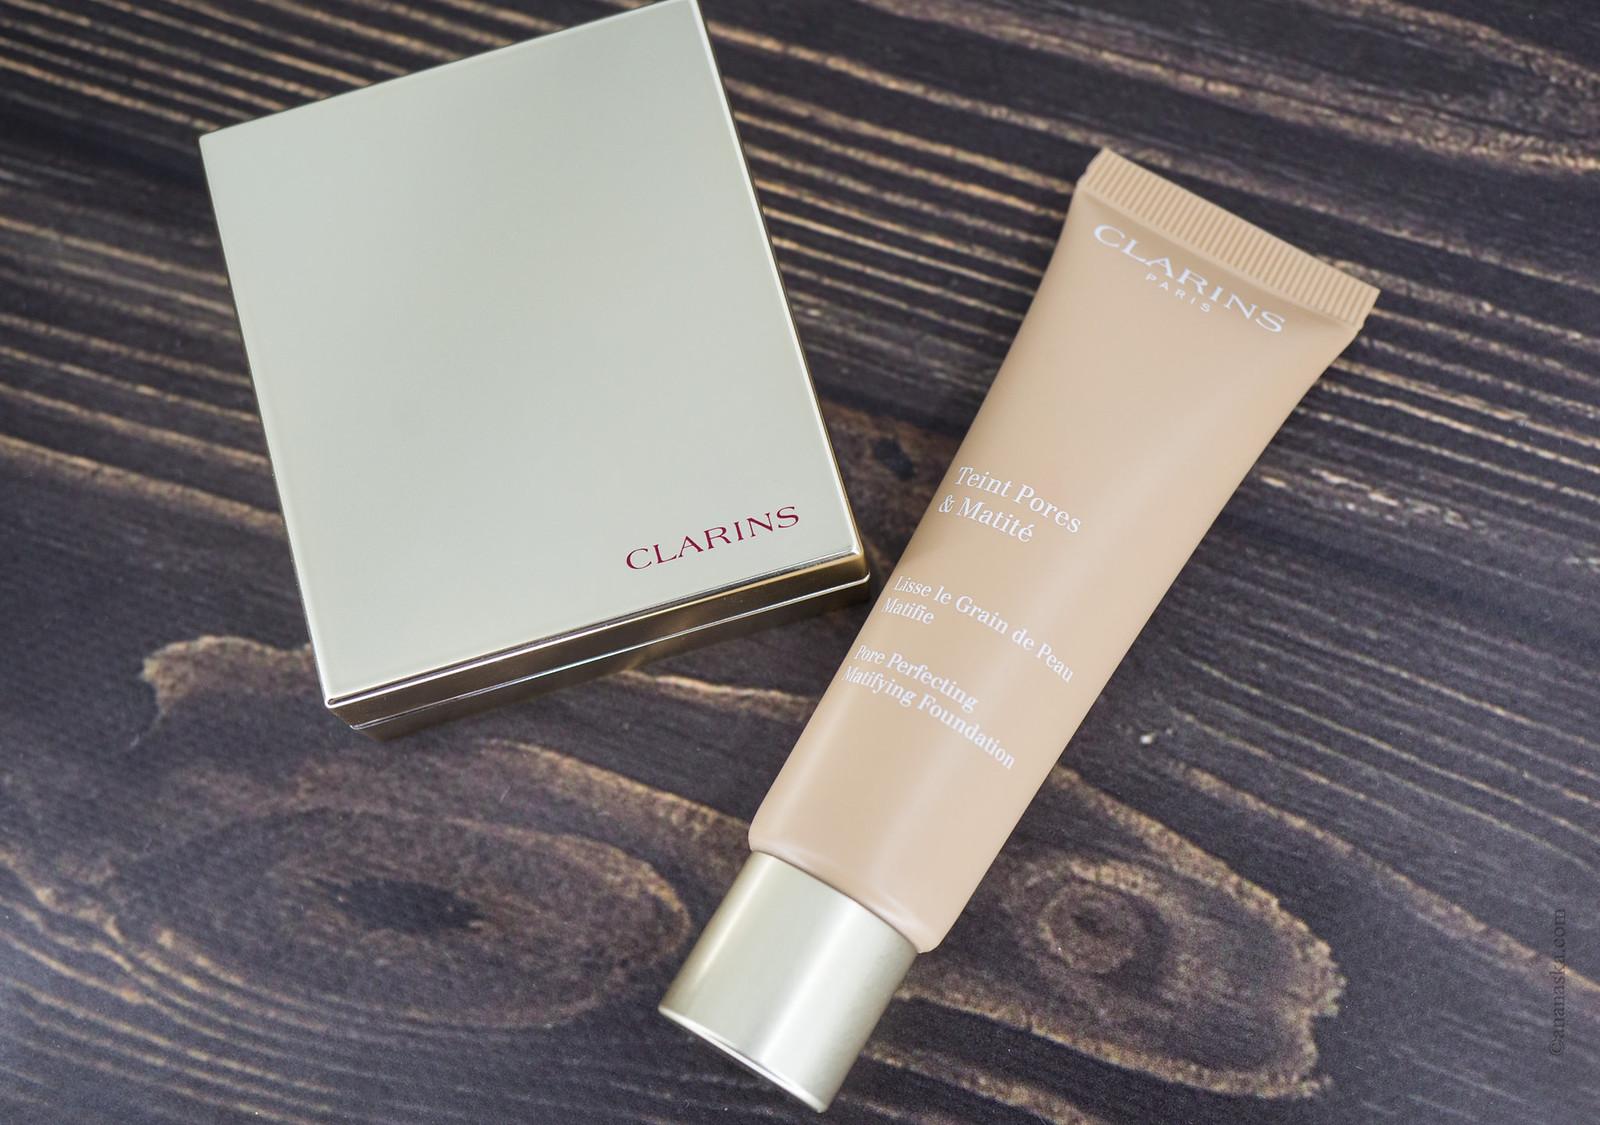 Clarins Pores & Matite